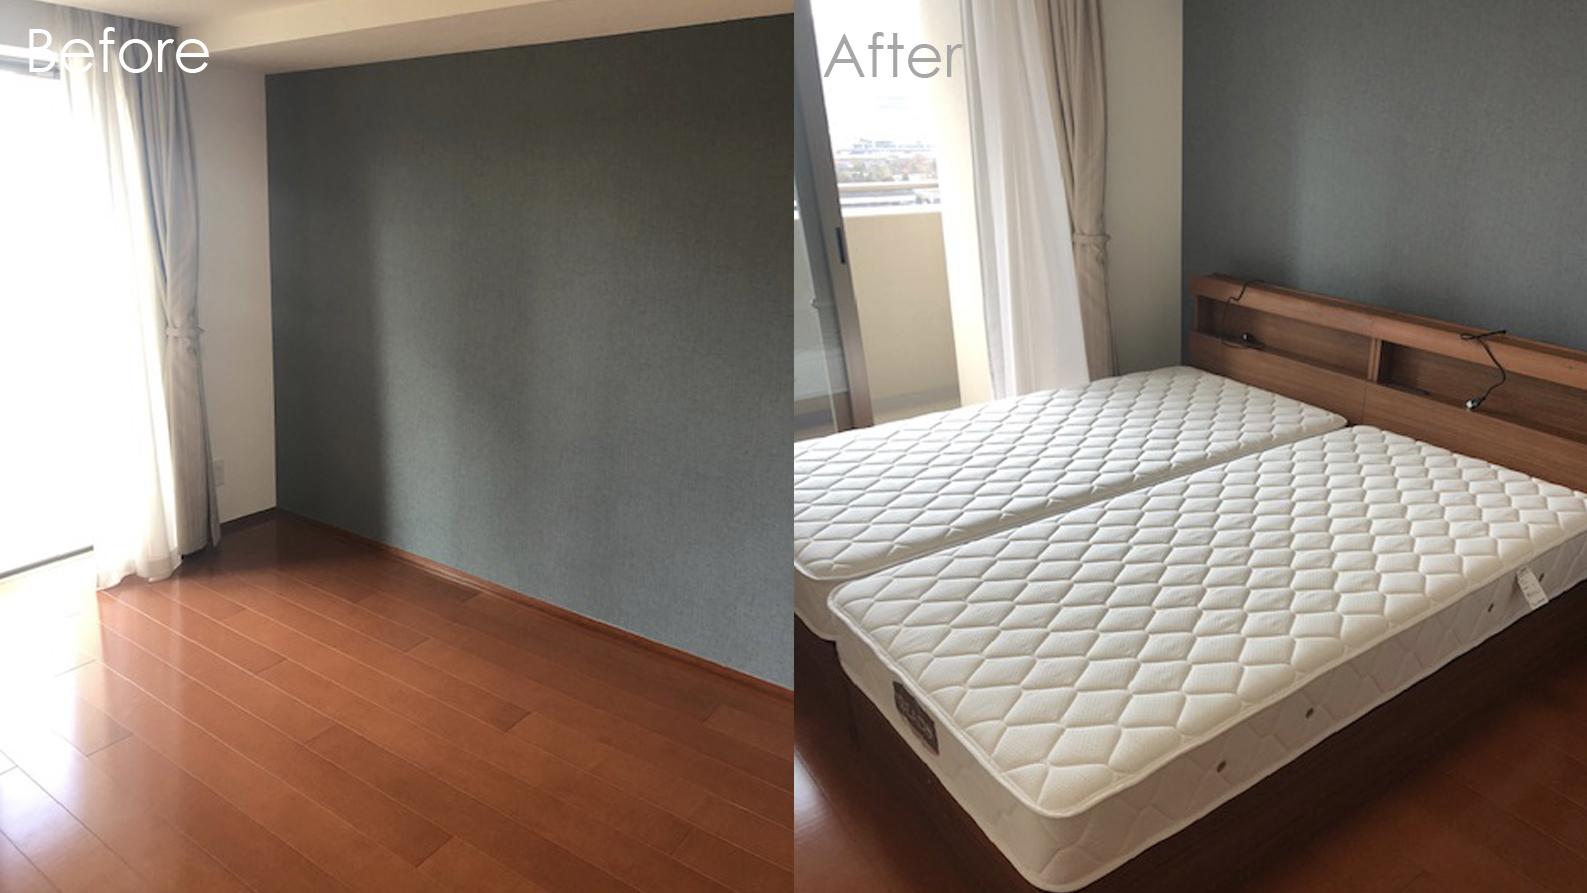 ご夫婦のベッドをアクセントクロス施工後の寝室にプラス